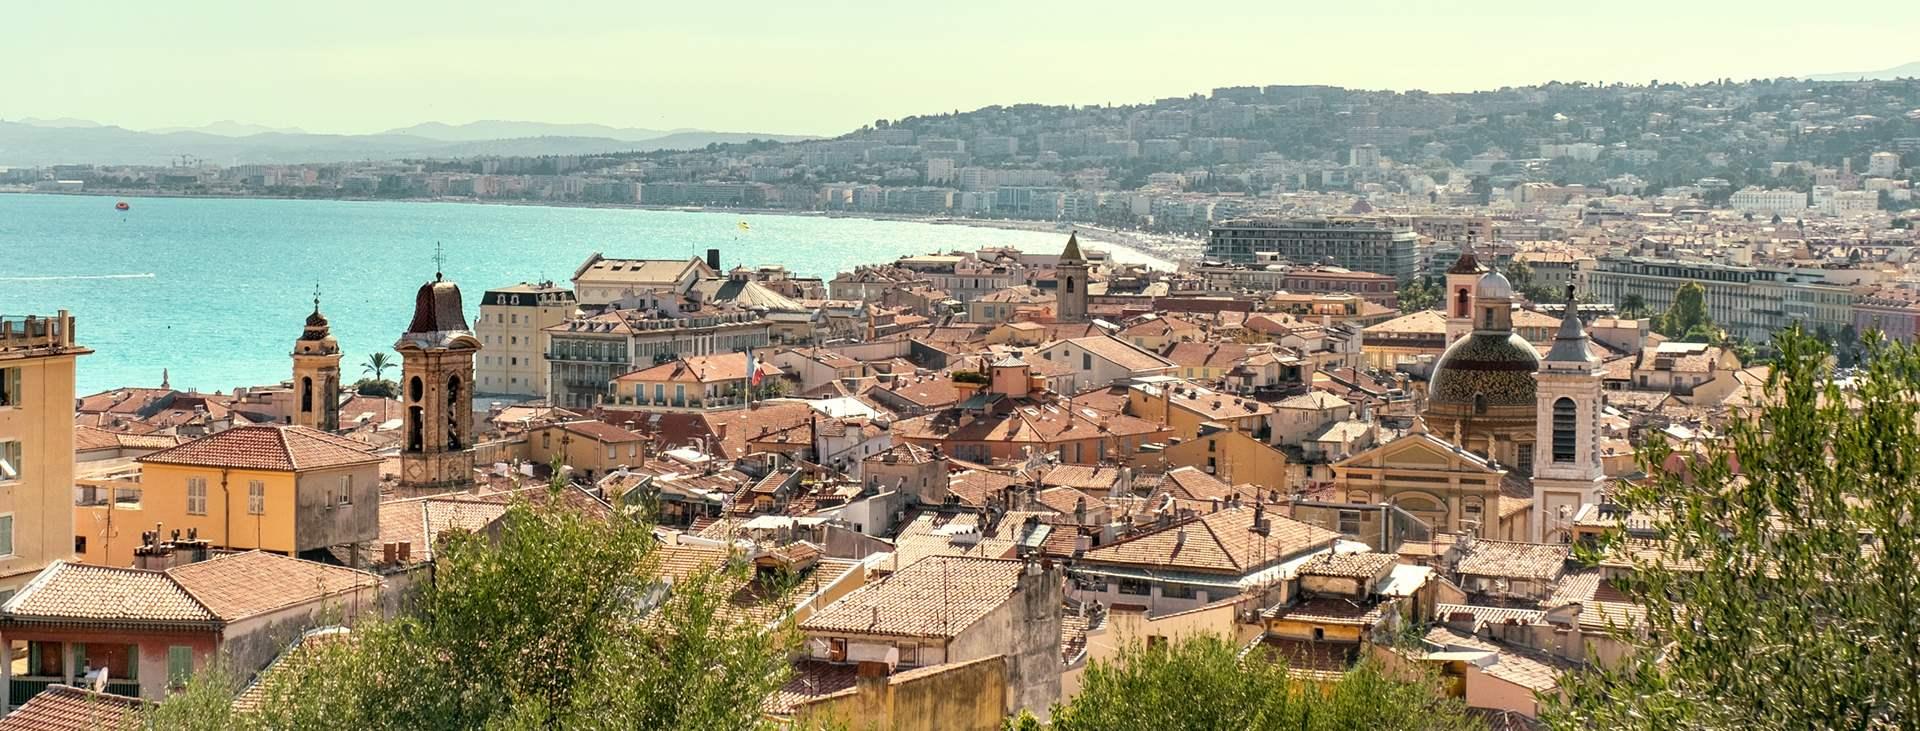 Reiser til Nice på Den franske riviera